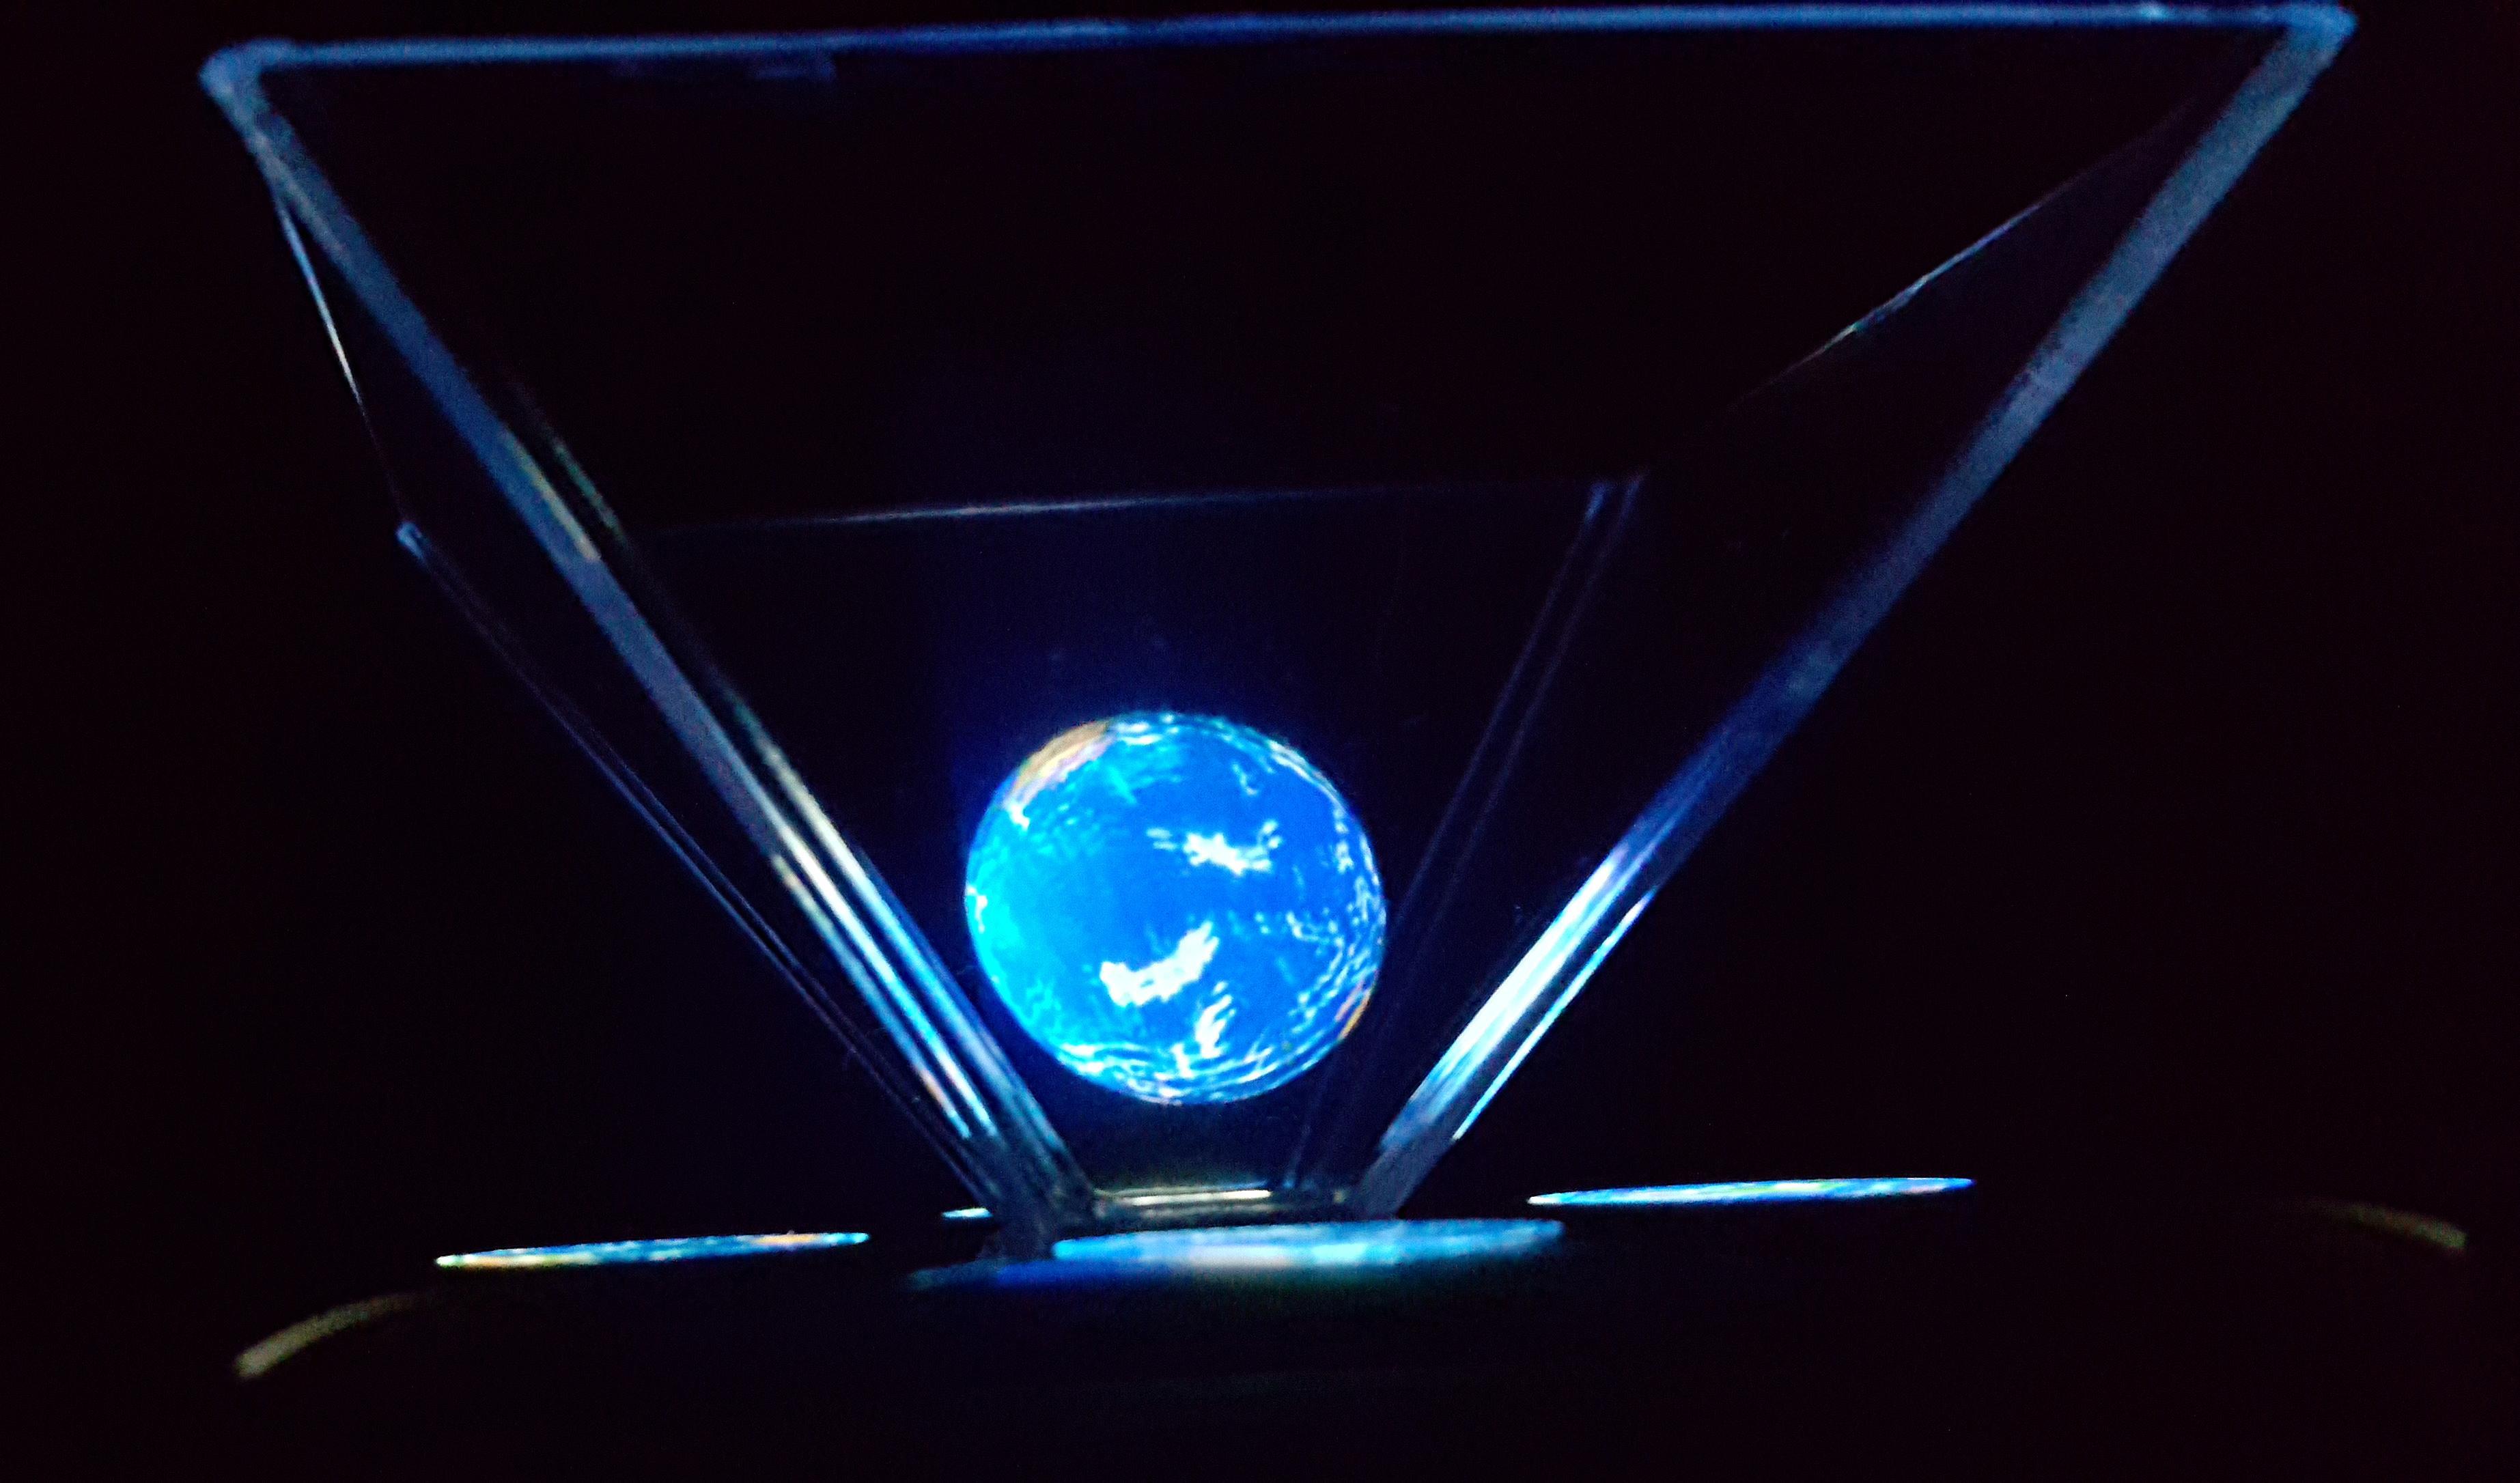 Hologram 3D Showcase poster